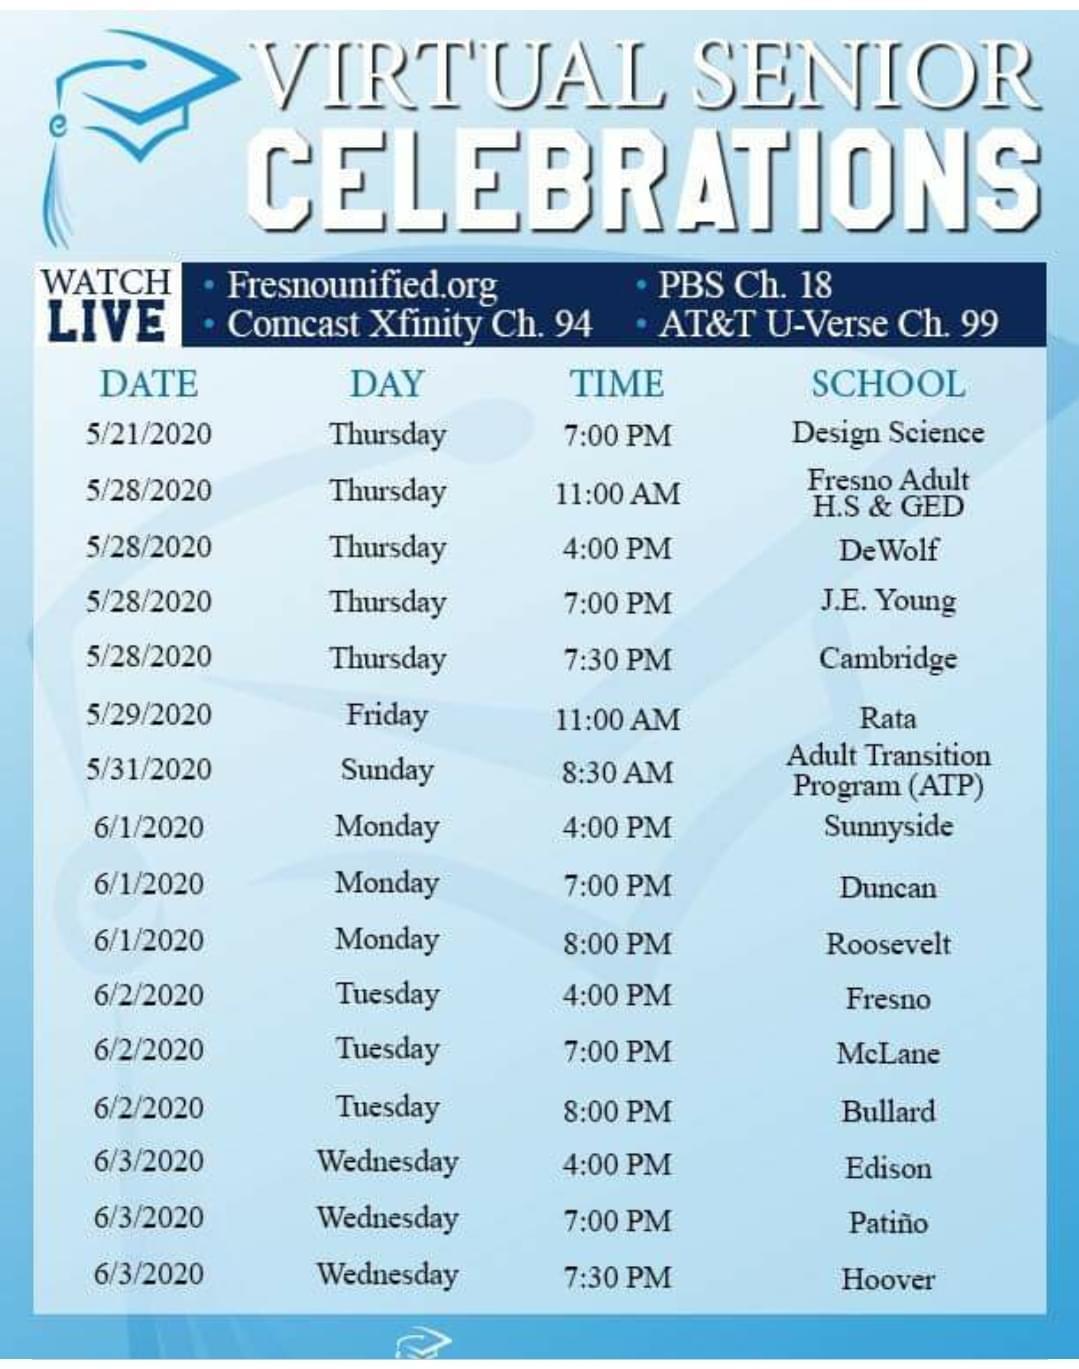 Fresno Unified Announces Virtual Senior Celebration Dates & Summer School Plans